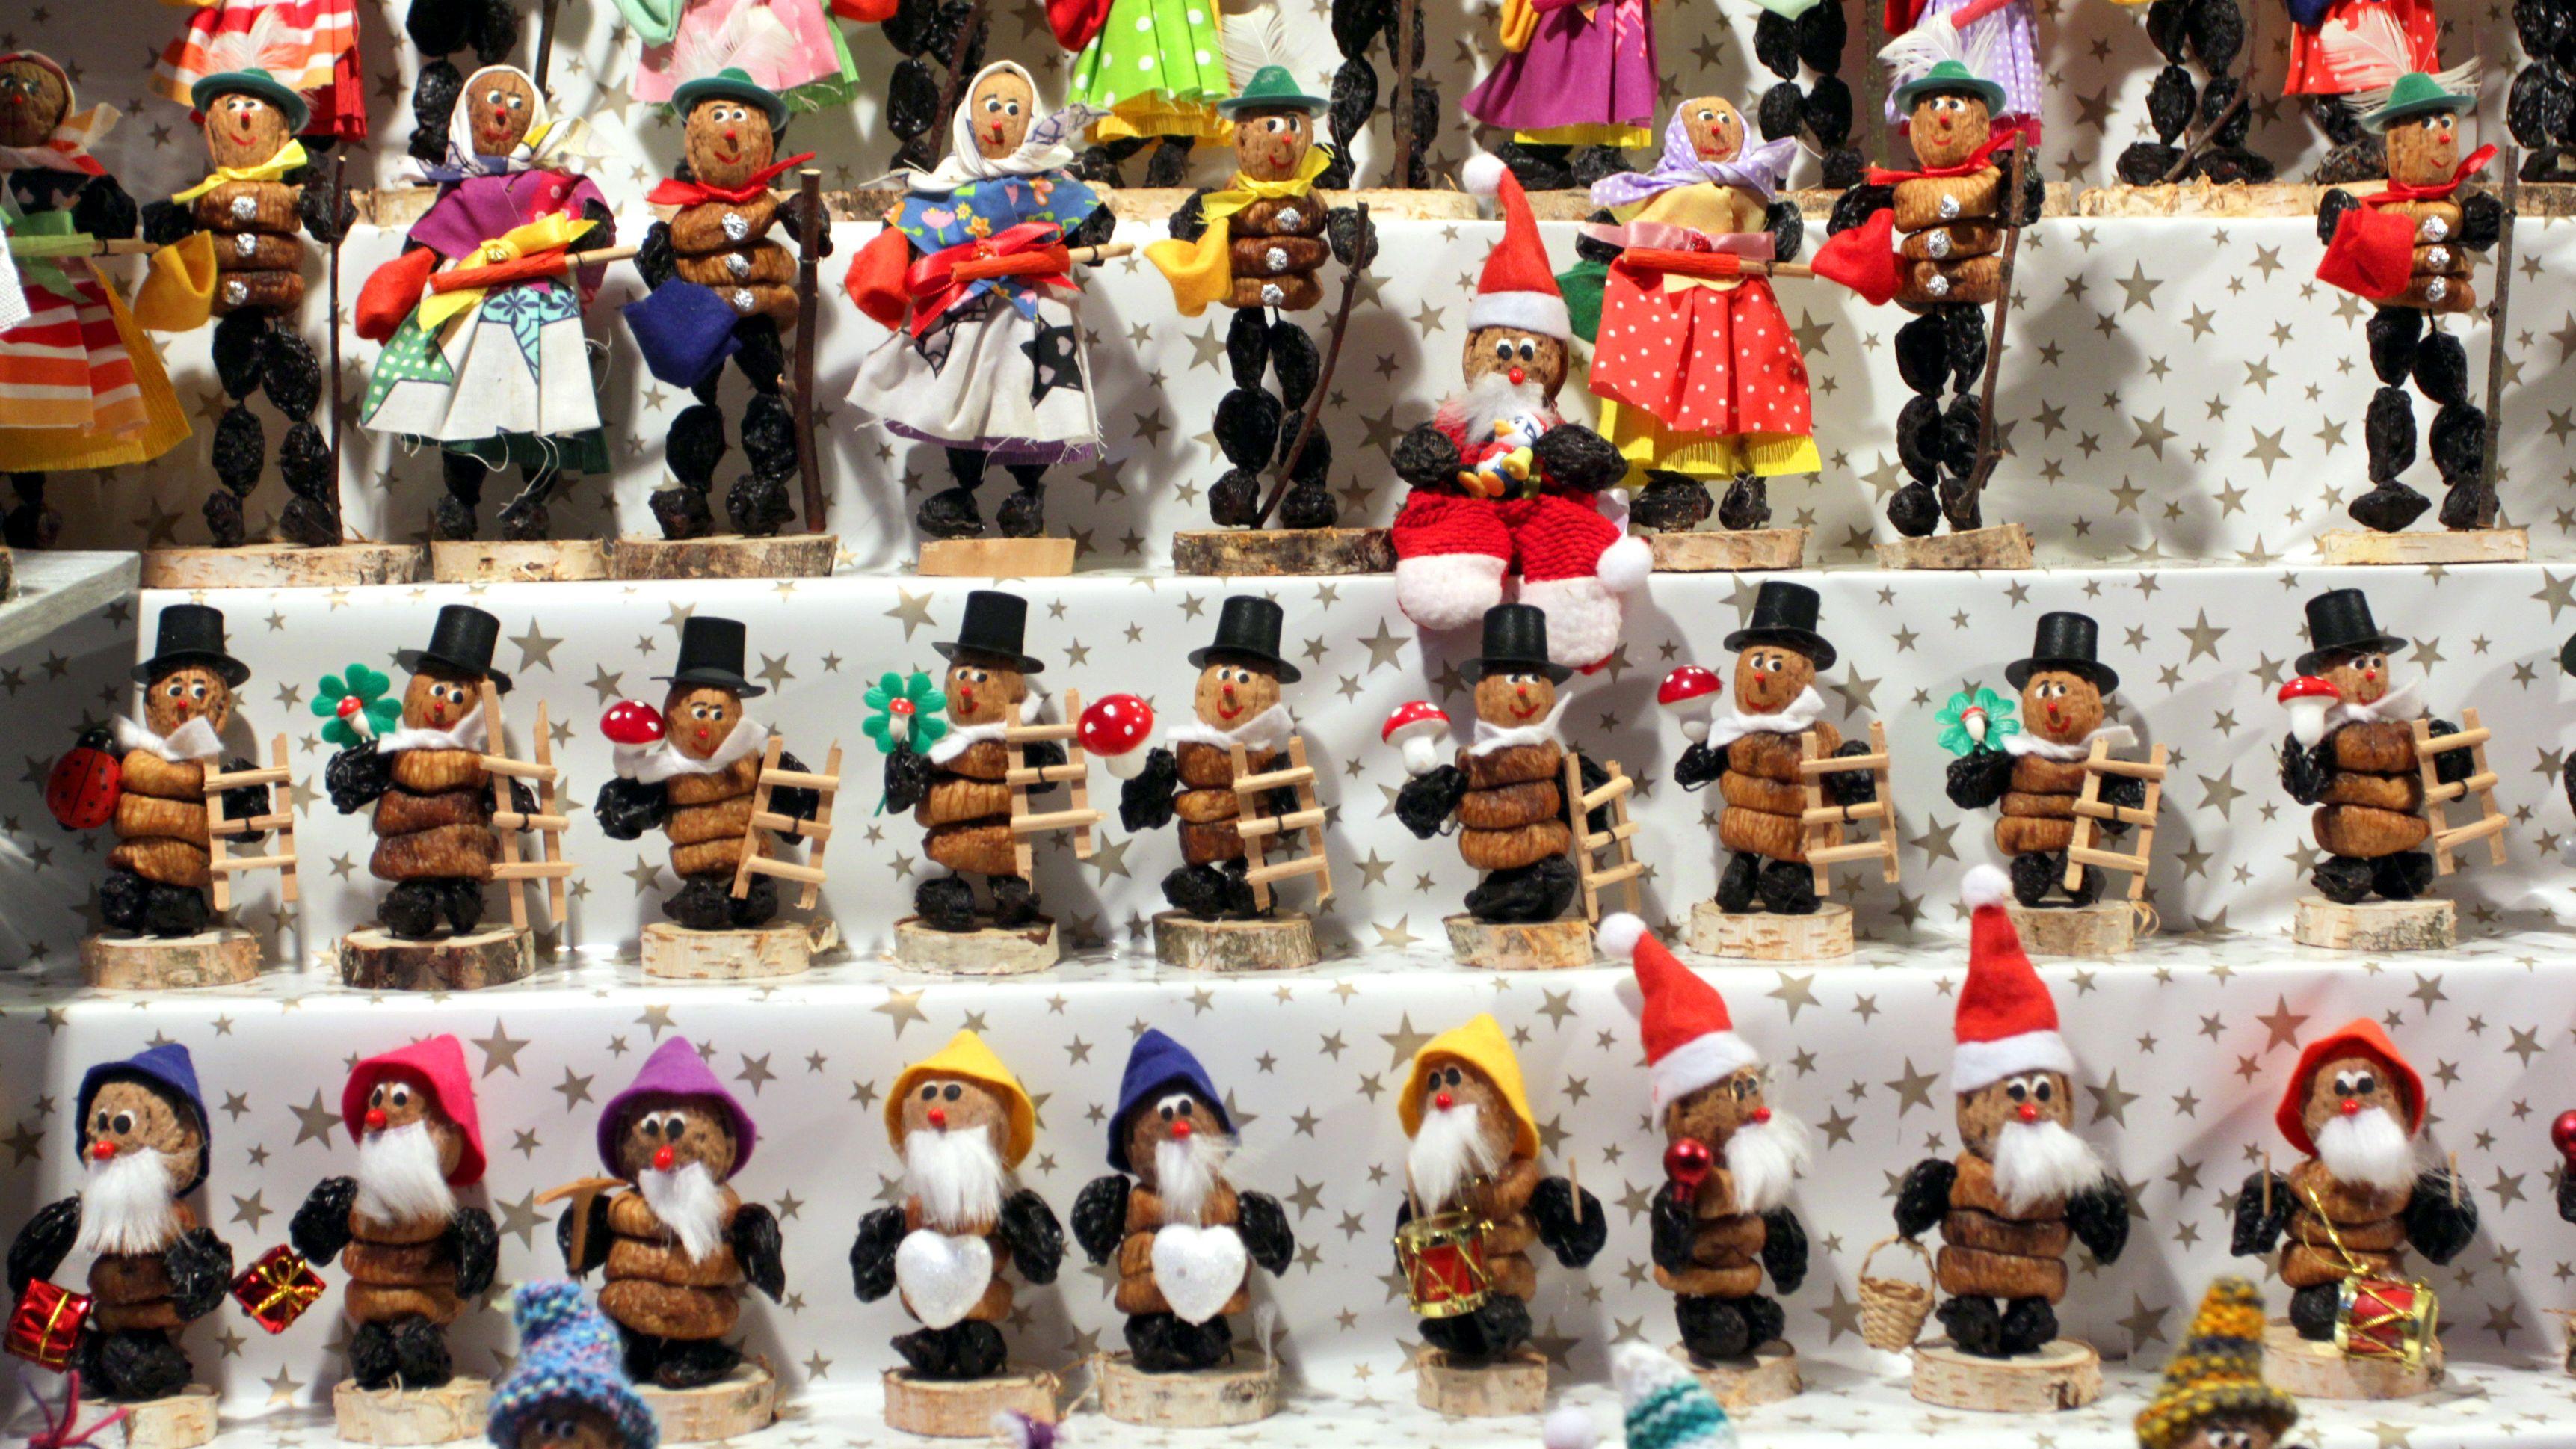 Zwetschgenmännle auf dem Nürnberger Christkindlesmarkt